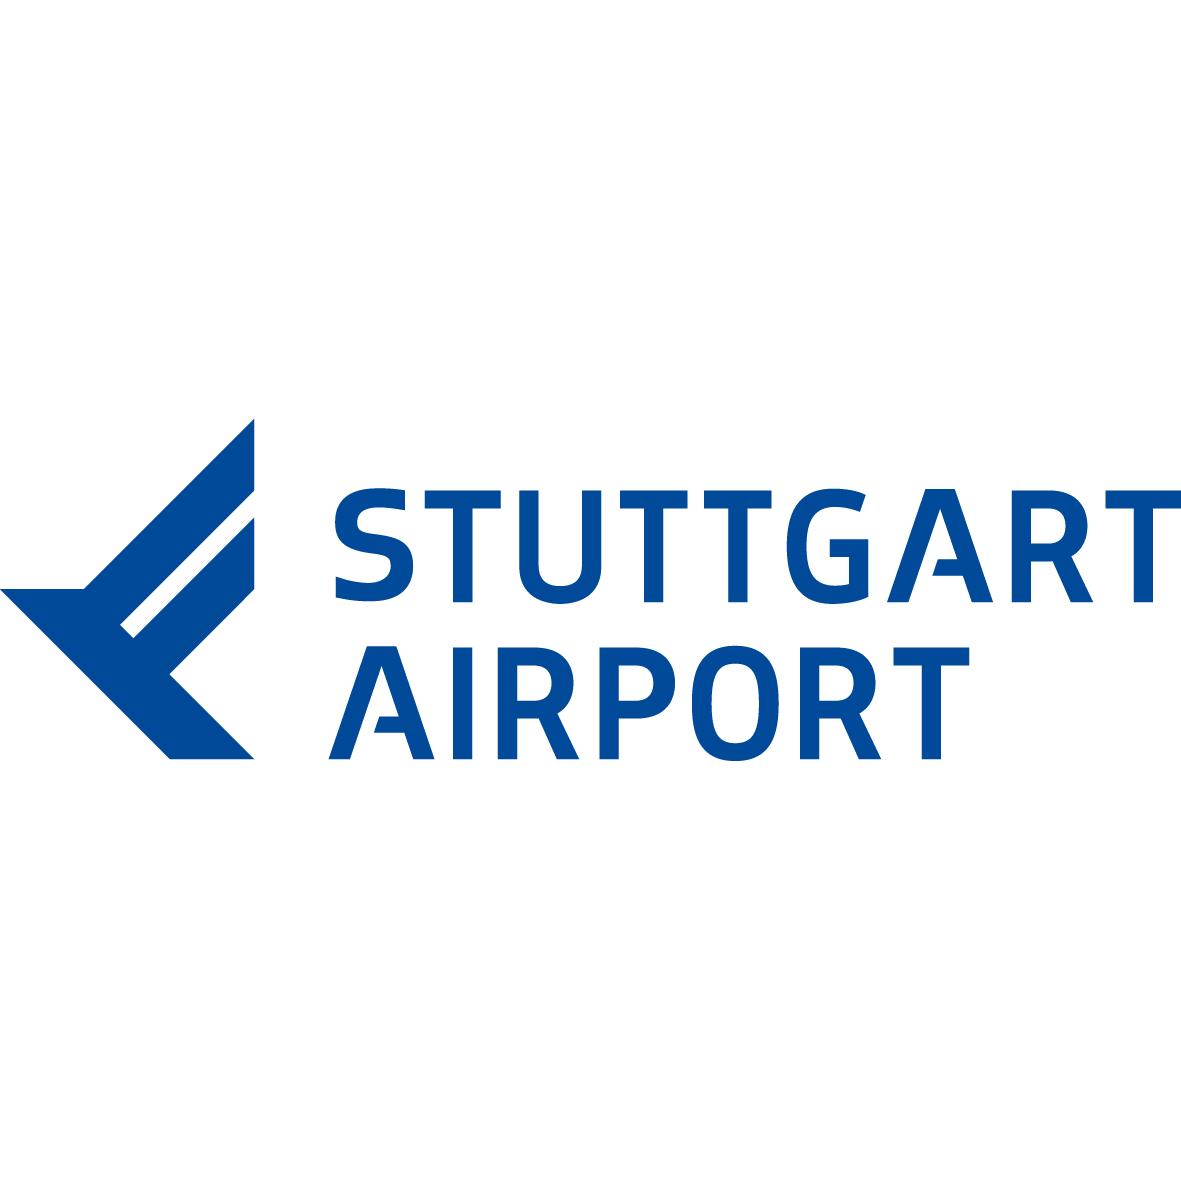 Bildergebnis für logo flughafen stuttgart